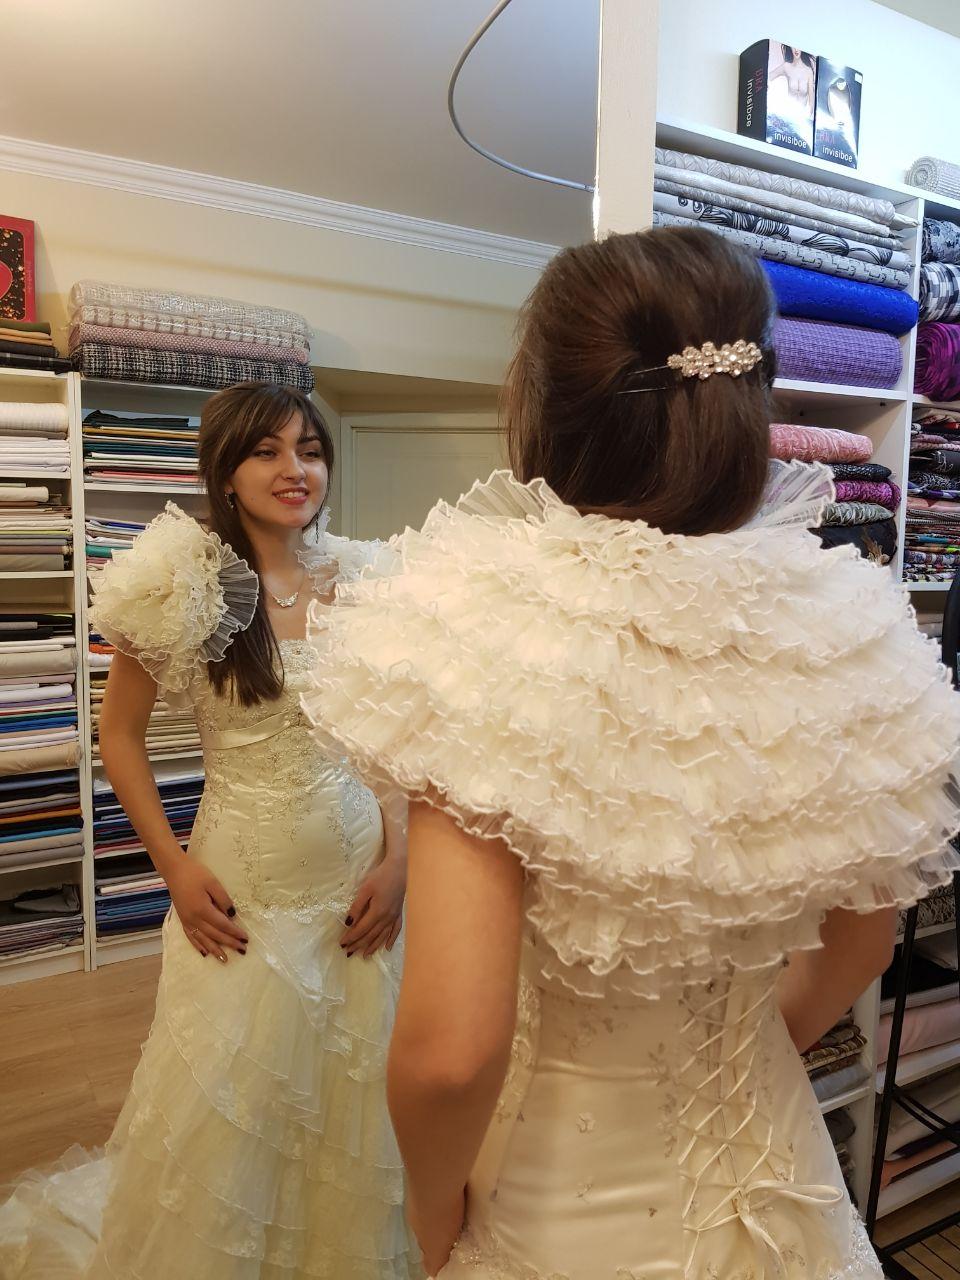 ателье пошив свадебных платьев